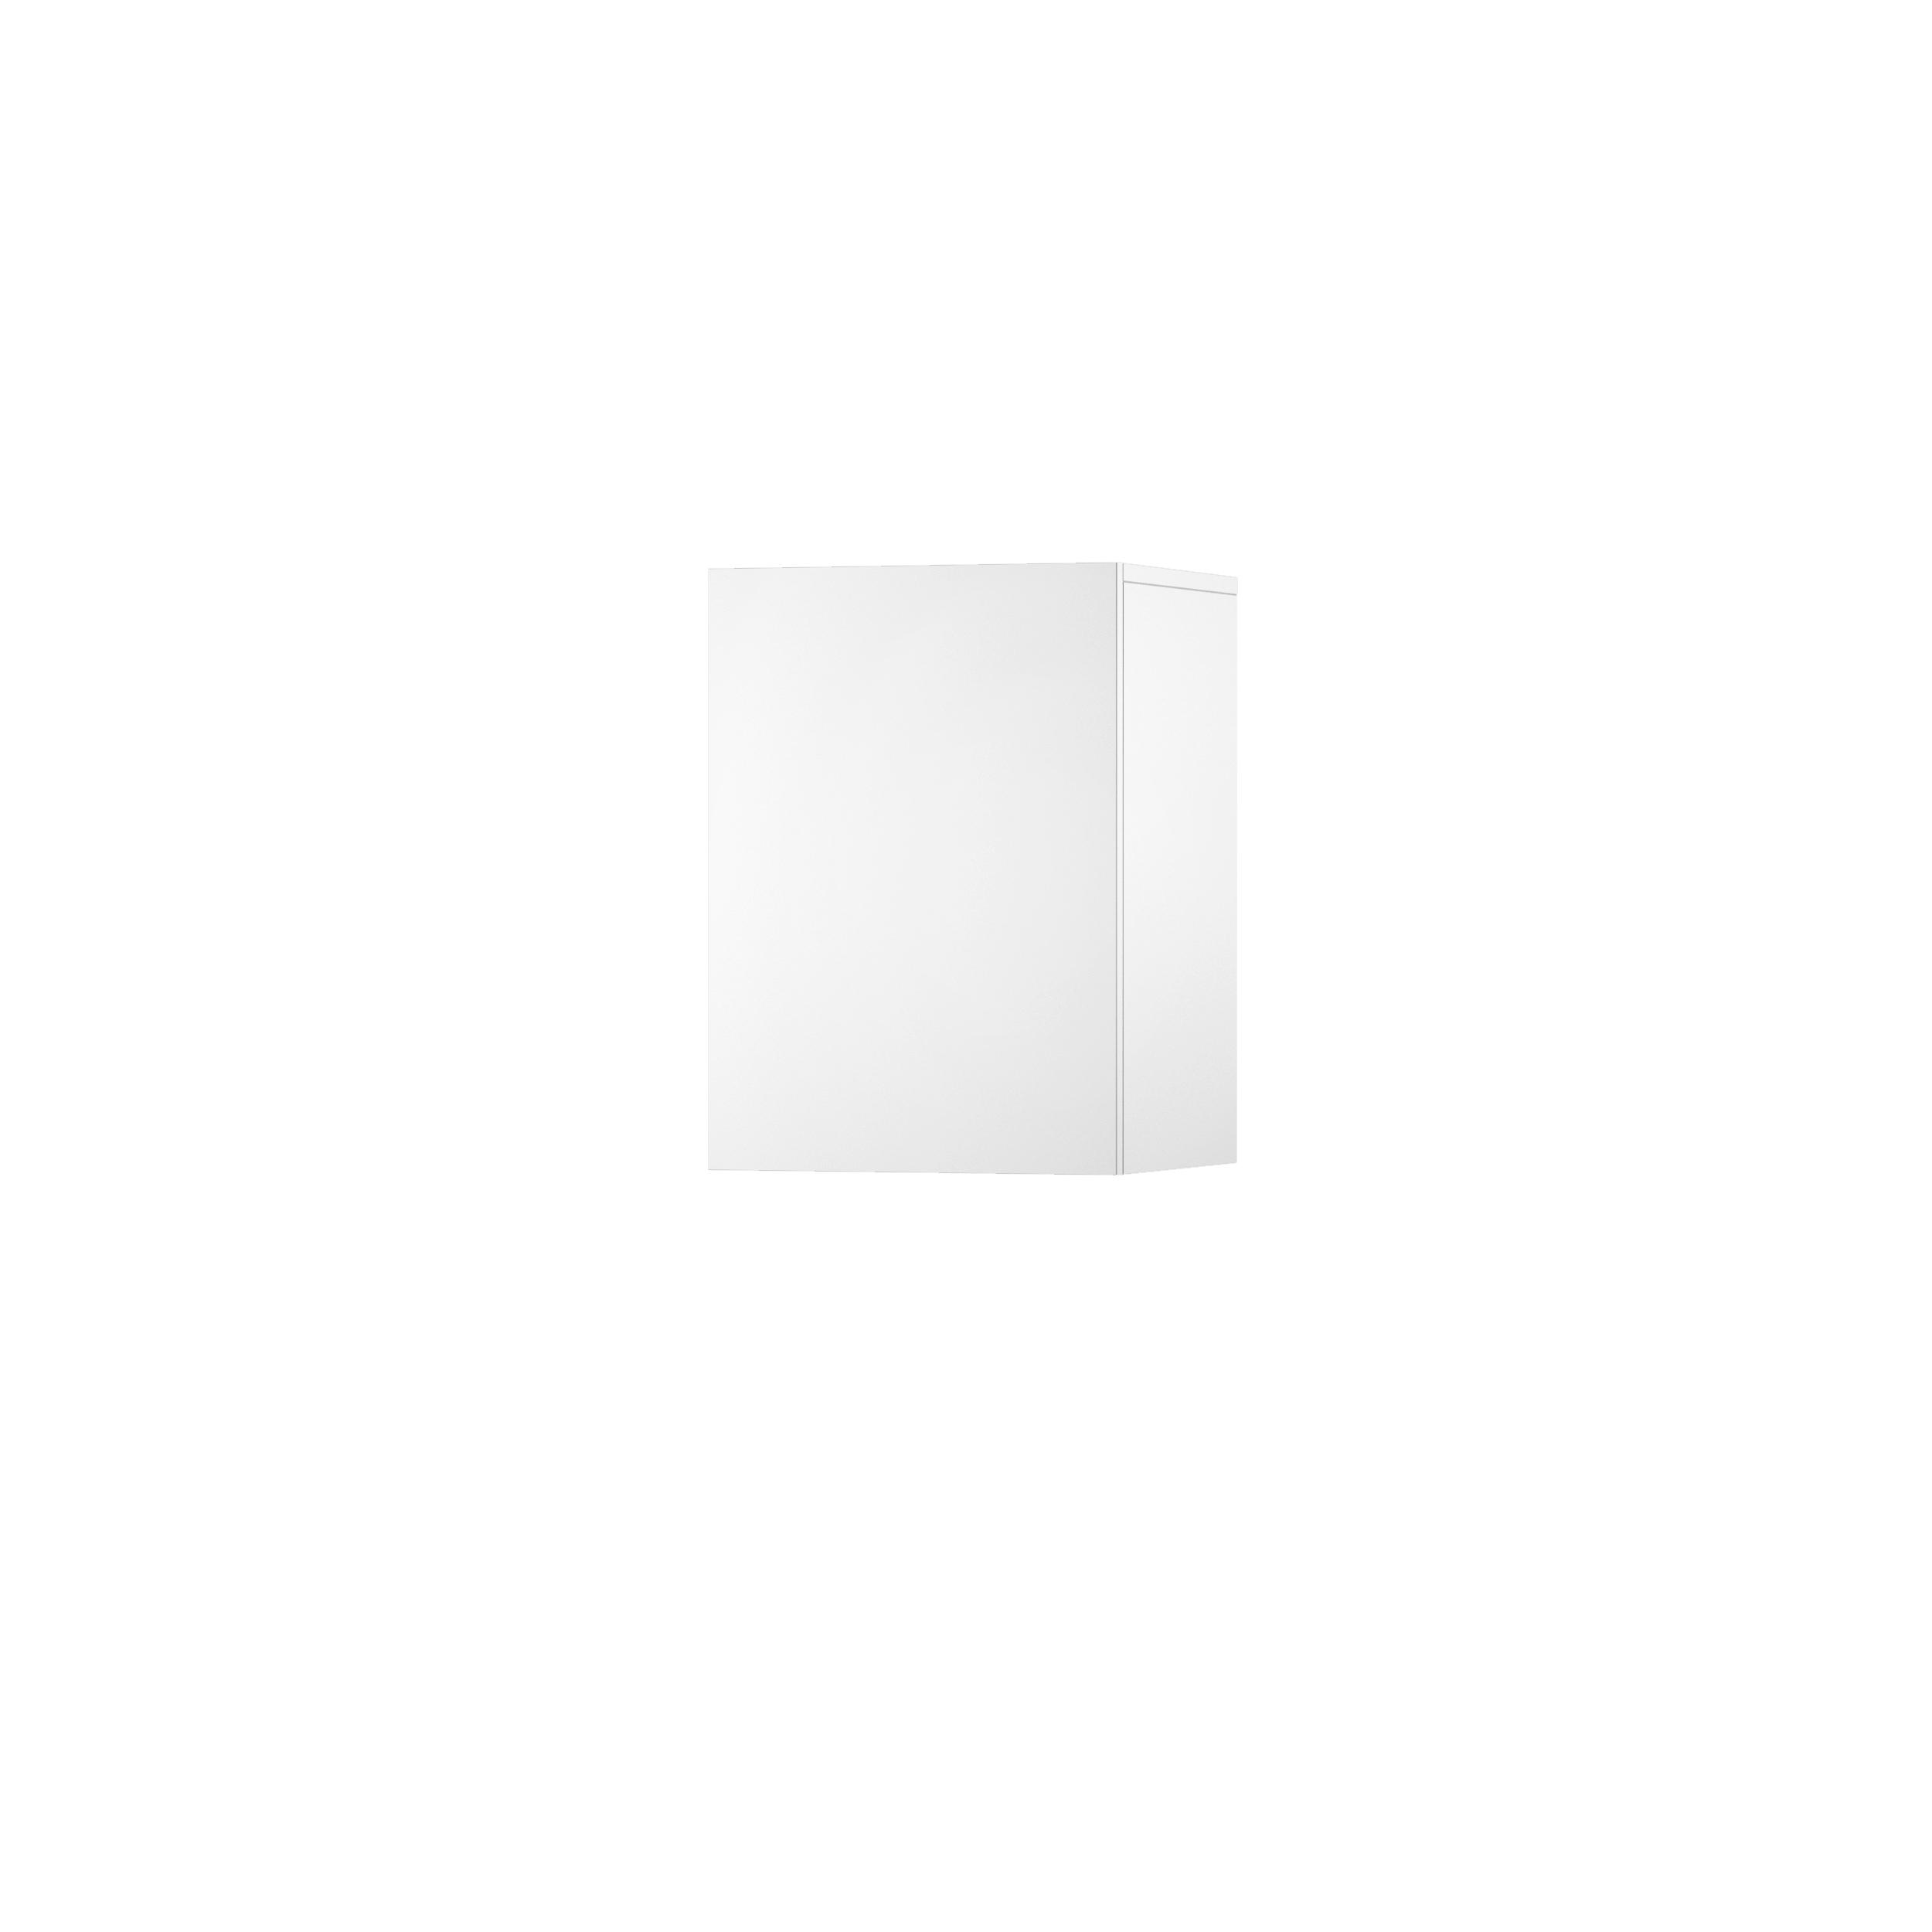 Dulap Modular Alb - 10289